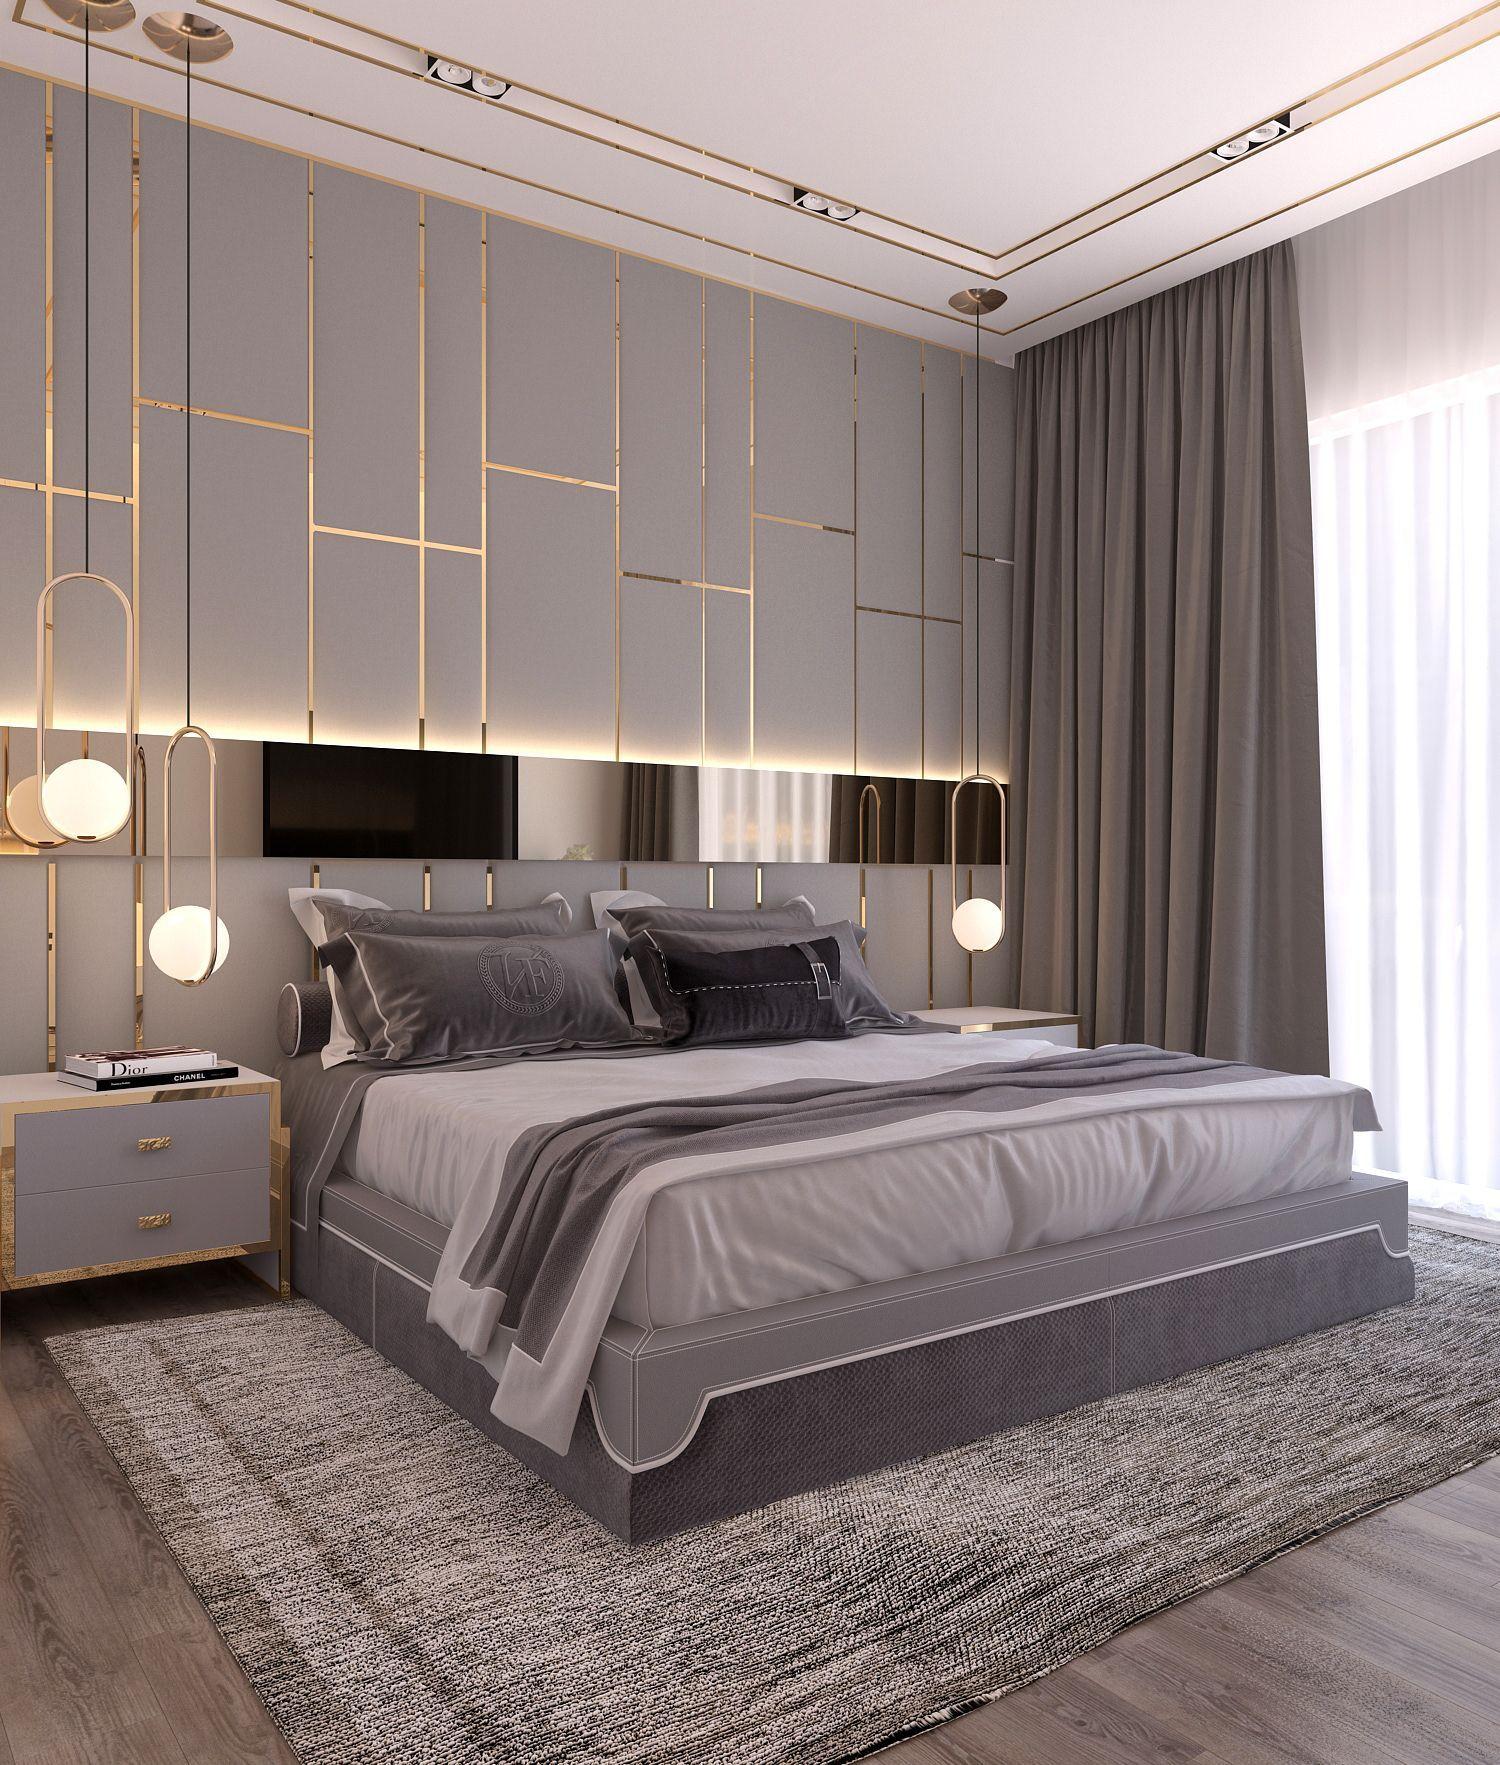 Amazing Bedroom Design Ideas [Simple, Modern, Minimalist ... on Minimalist Modern Simple Bedroom Design  id=26528